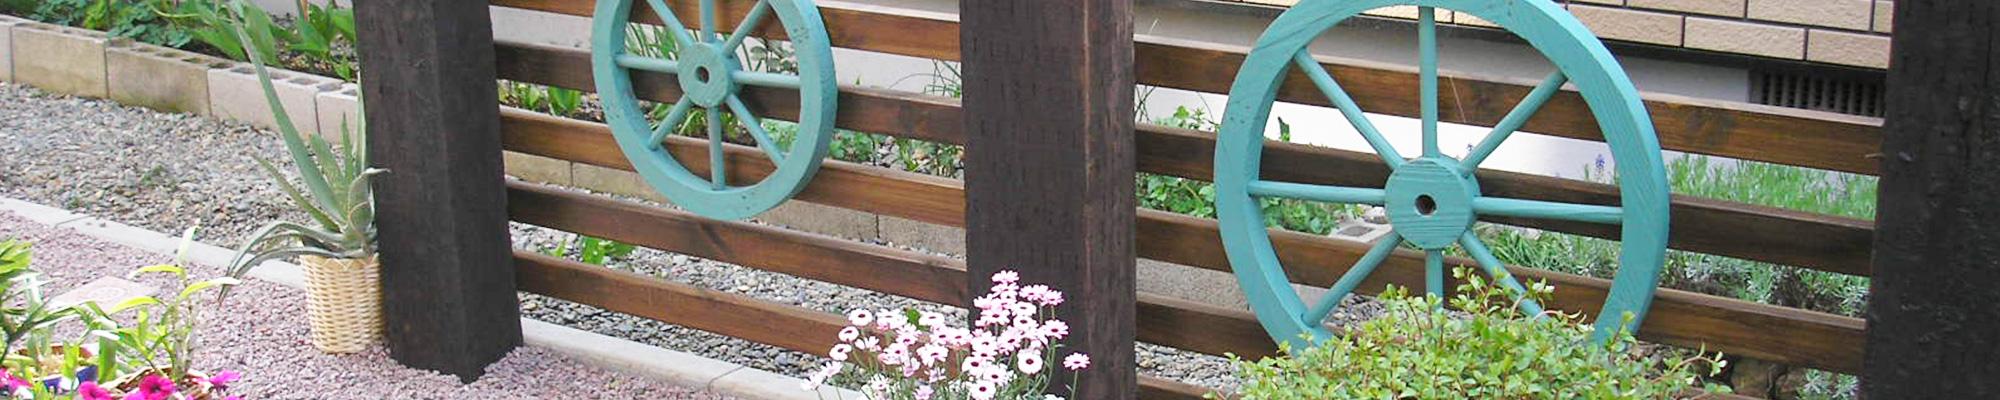 北海道恵庭市・白樺ガーデン・枕木を使用したオリジナルガーデニング